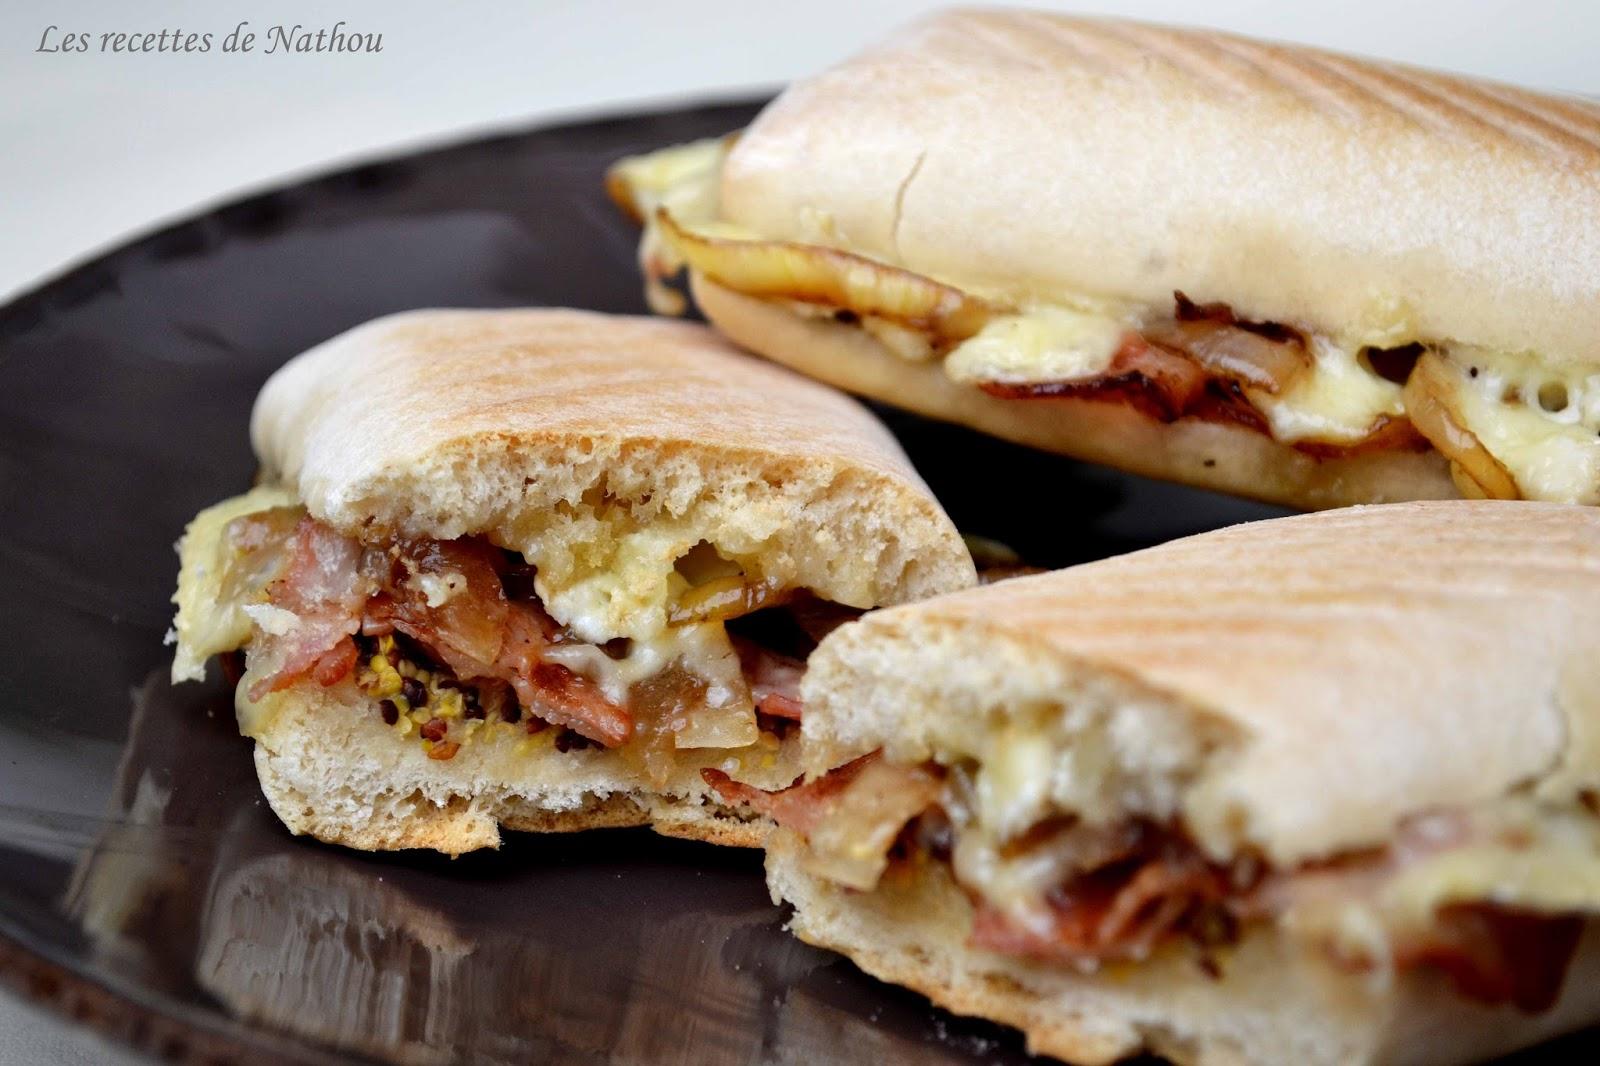 Ma cuisine au fil de mes idées...: Panini au brie, lard fumé, moutarde à l'ancienne et oignons ...